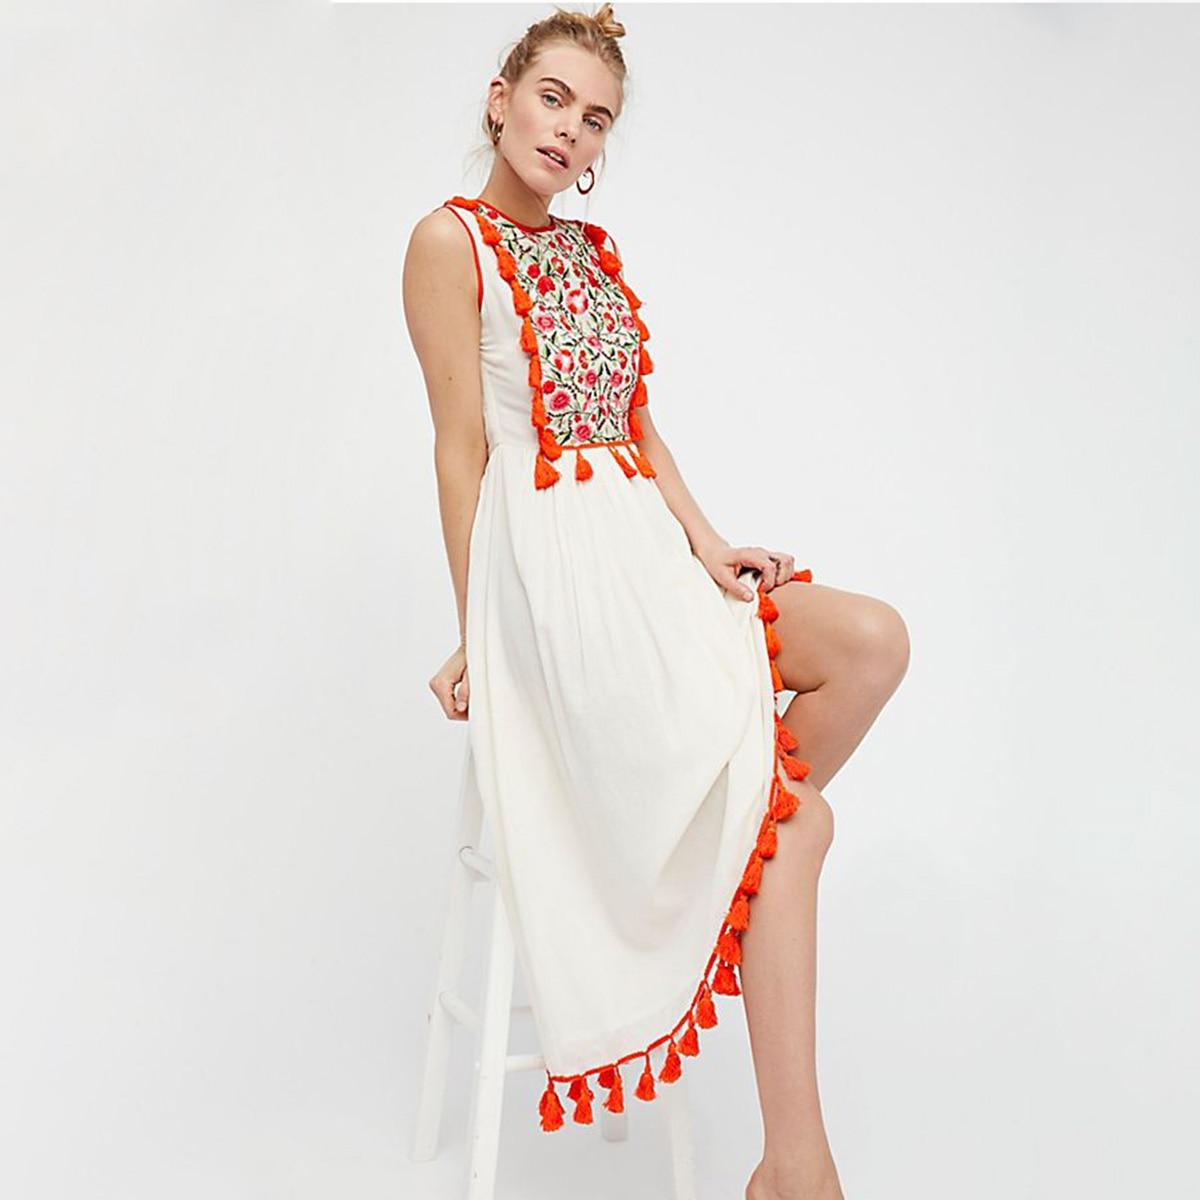 Élégant kiara Maxi Robe Femmes D'été Sans Manches O cou Robe De Broderie Gland Dames Boho Hippie Plage De Sable Blanc Longue Robe 2018